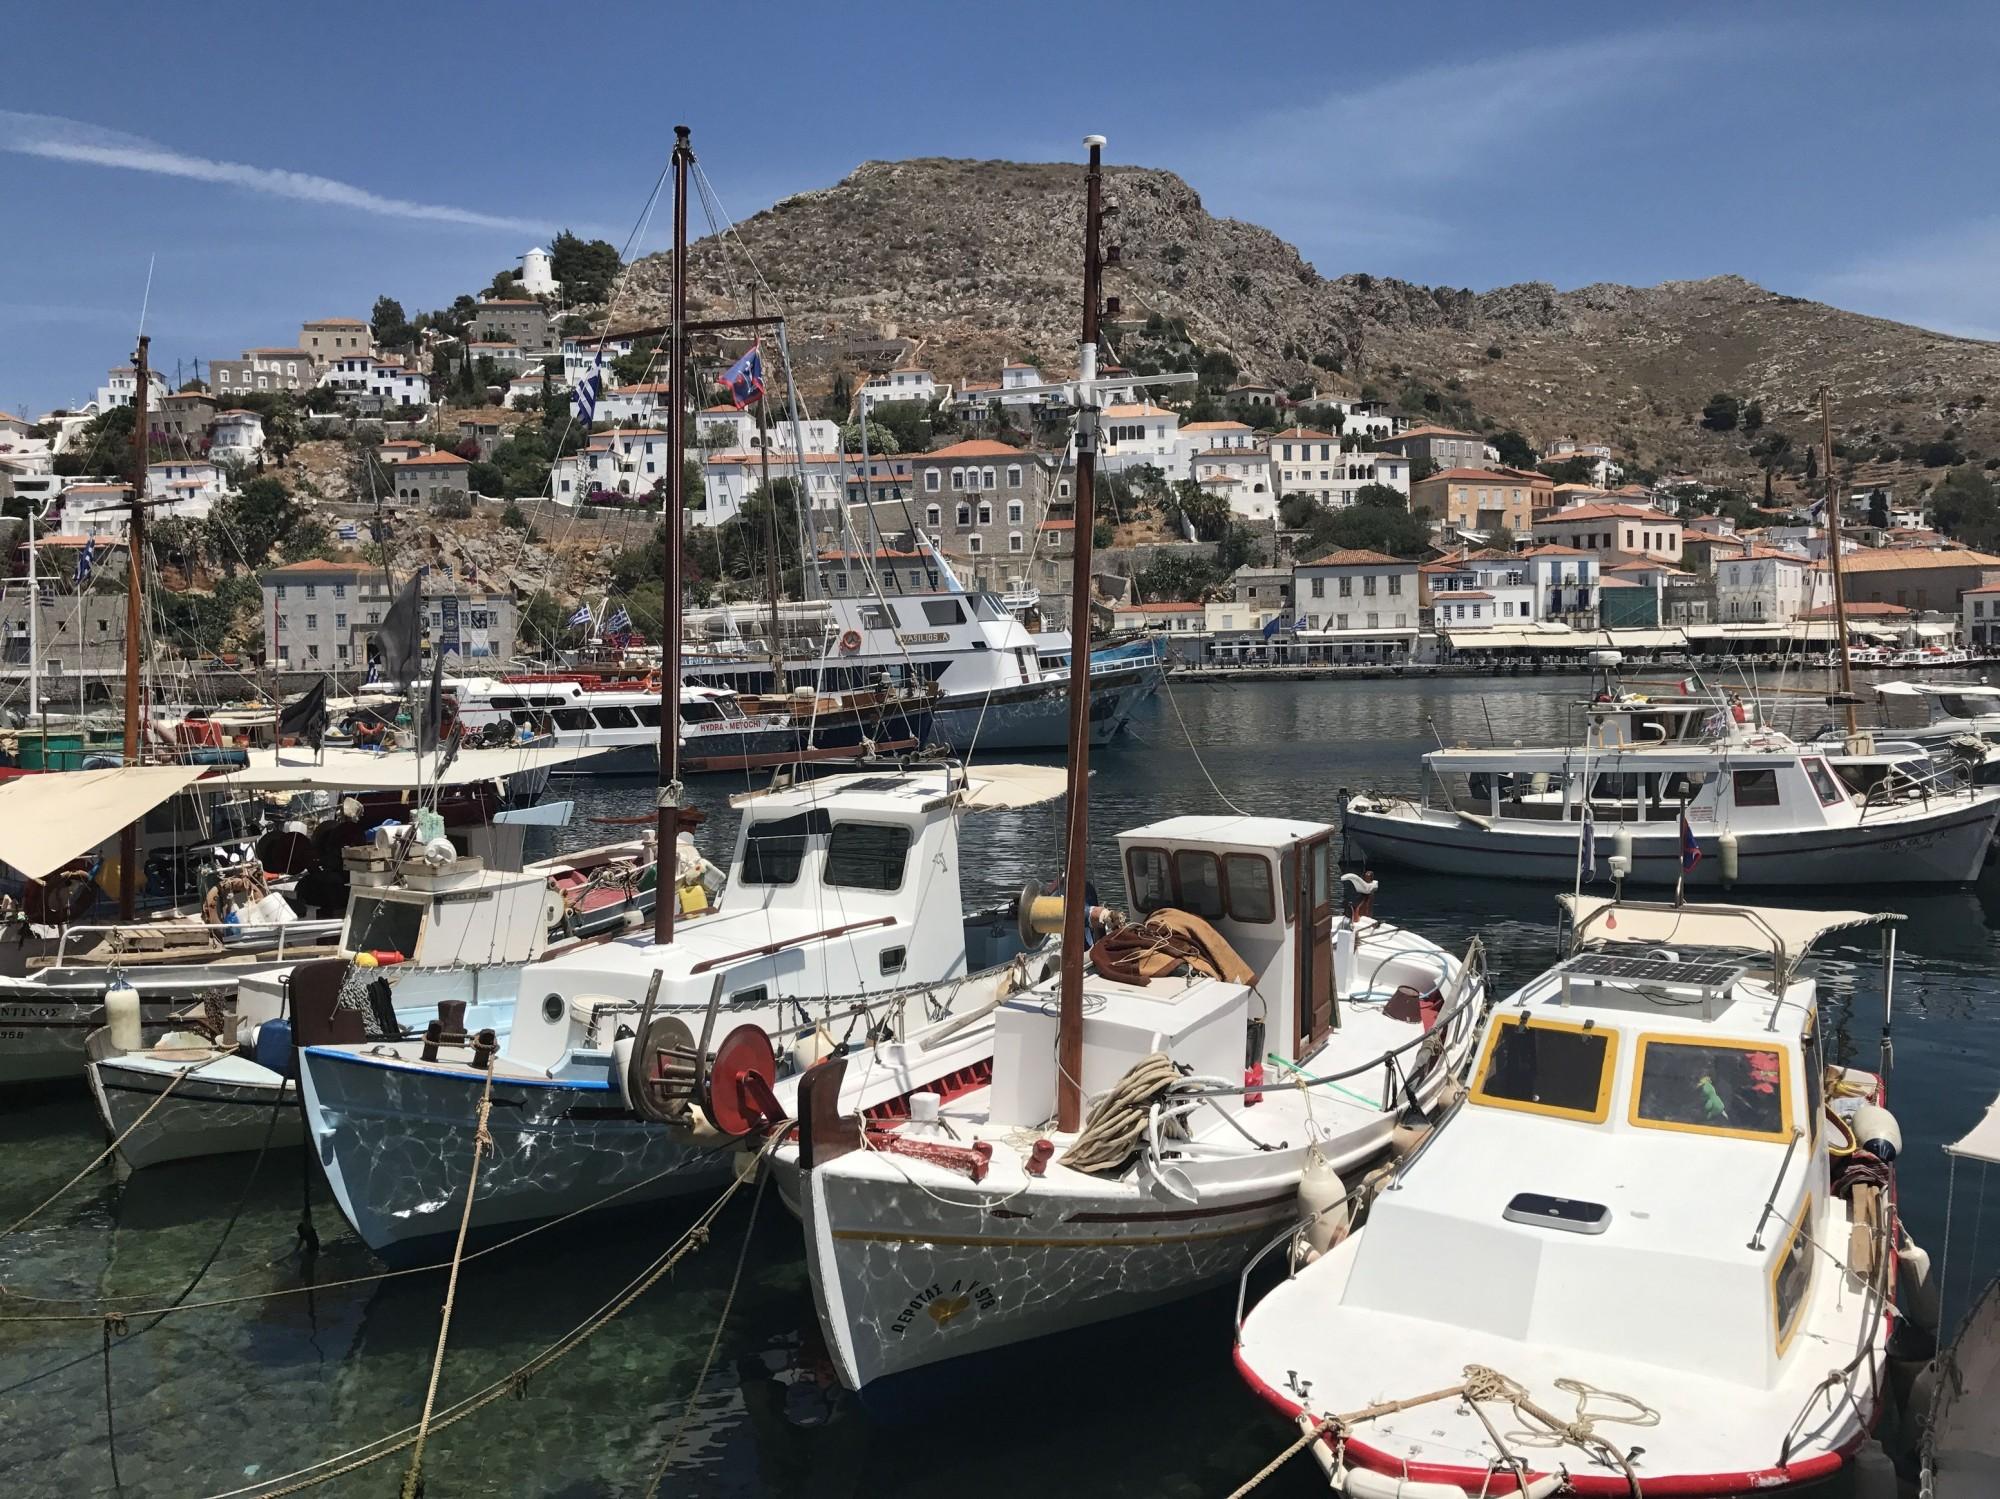 séjour balnéaire Golfe de Corinthe Grèce